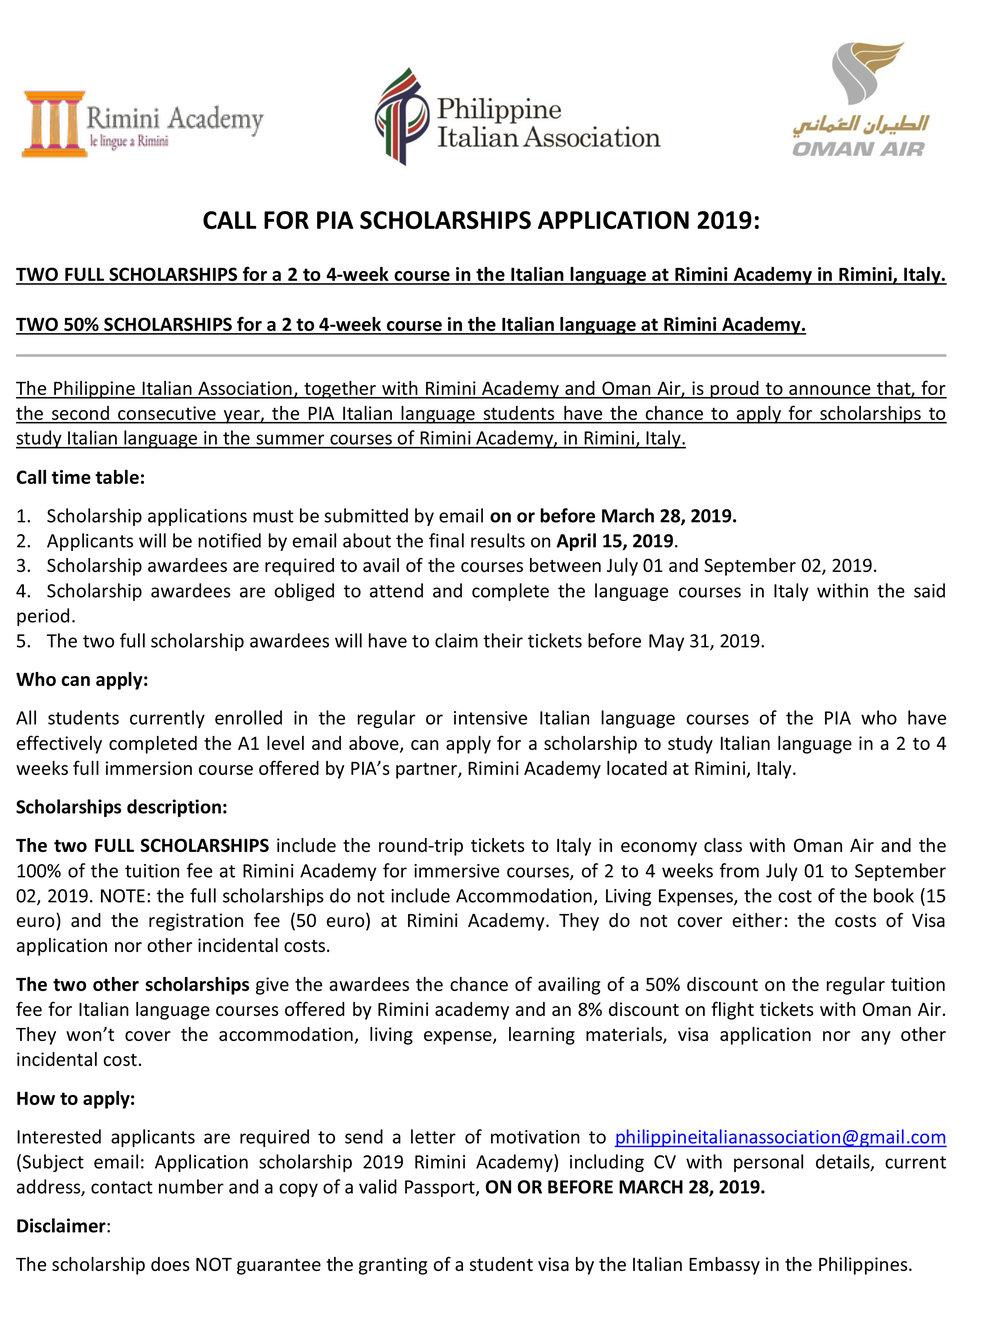 Call for scholarships 2019.jpg